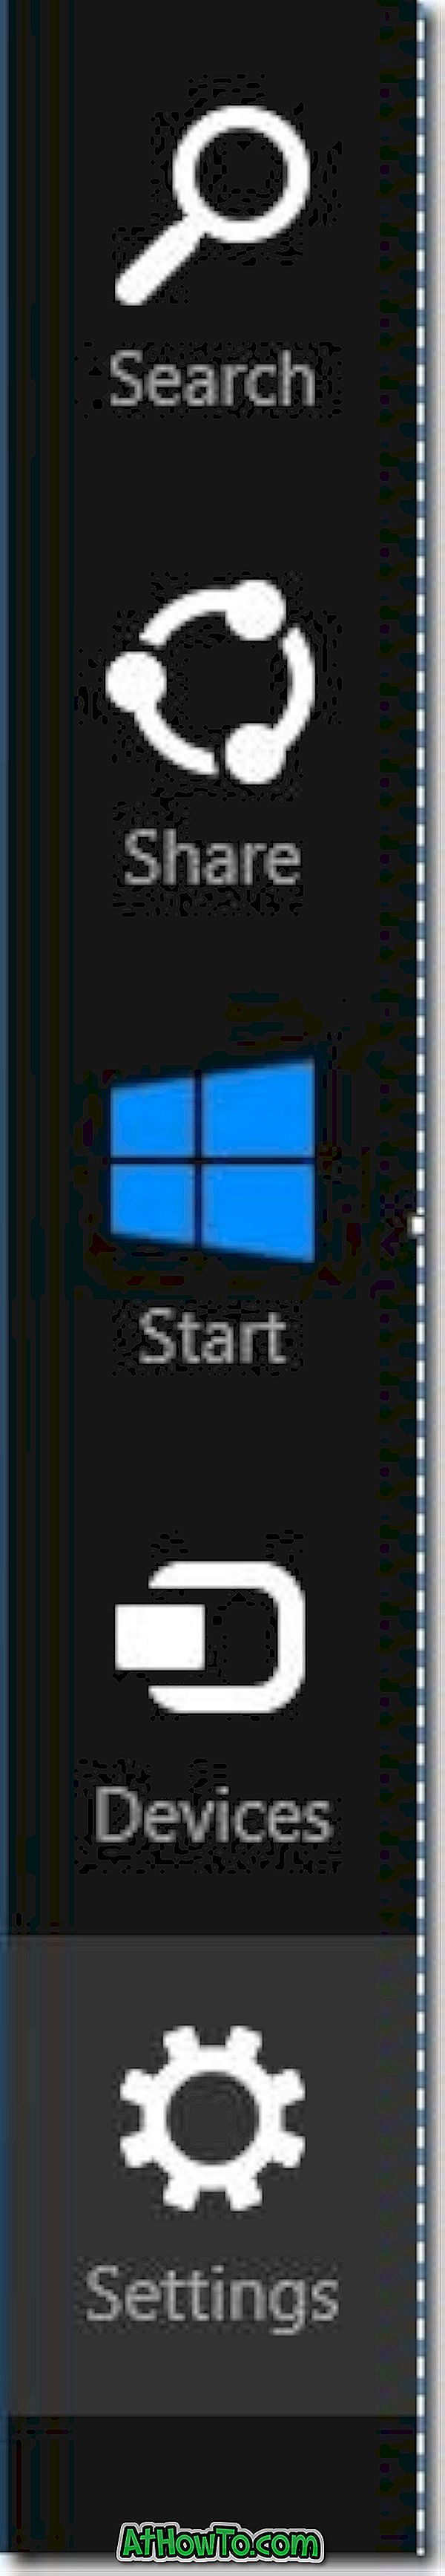 Jak wyświetlić rozmiar aplikacji w systemie Windows 8